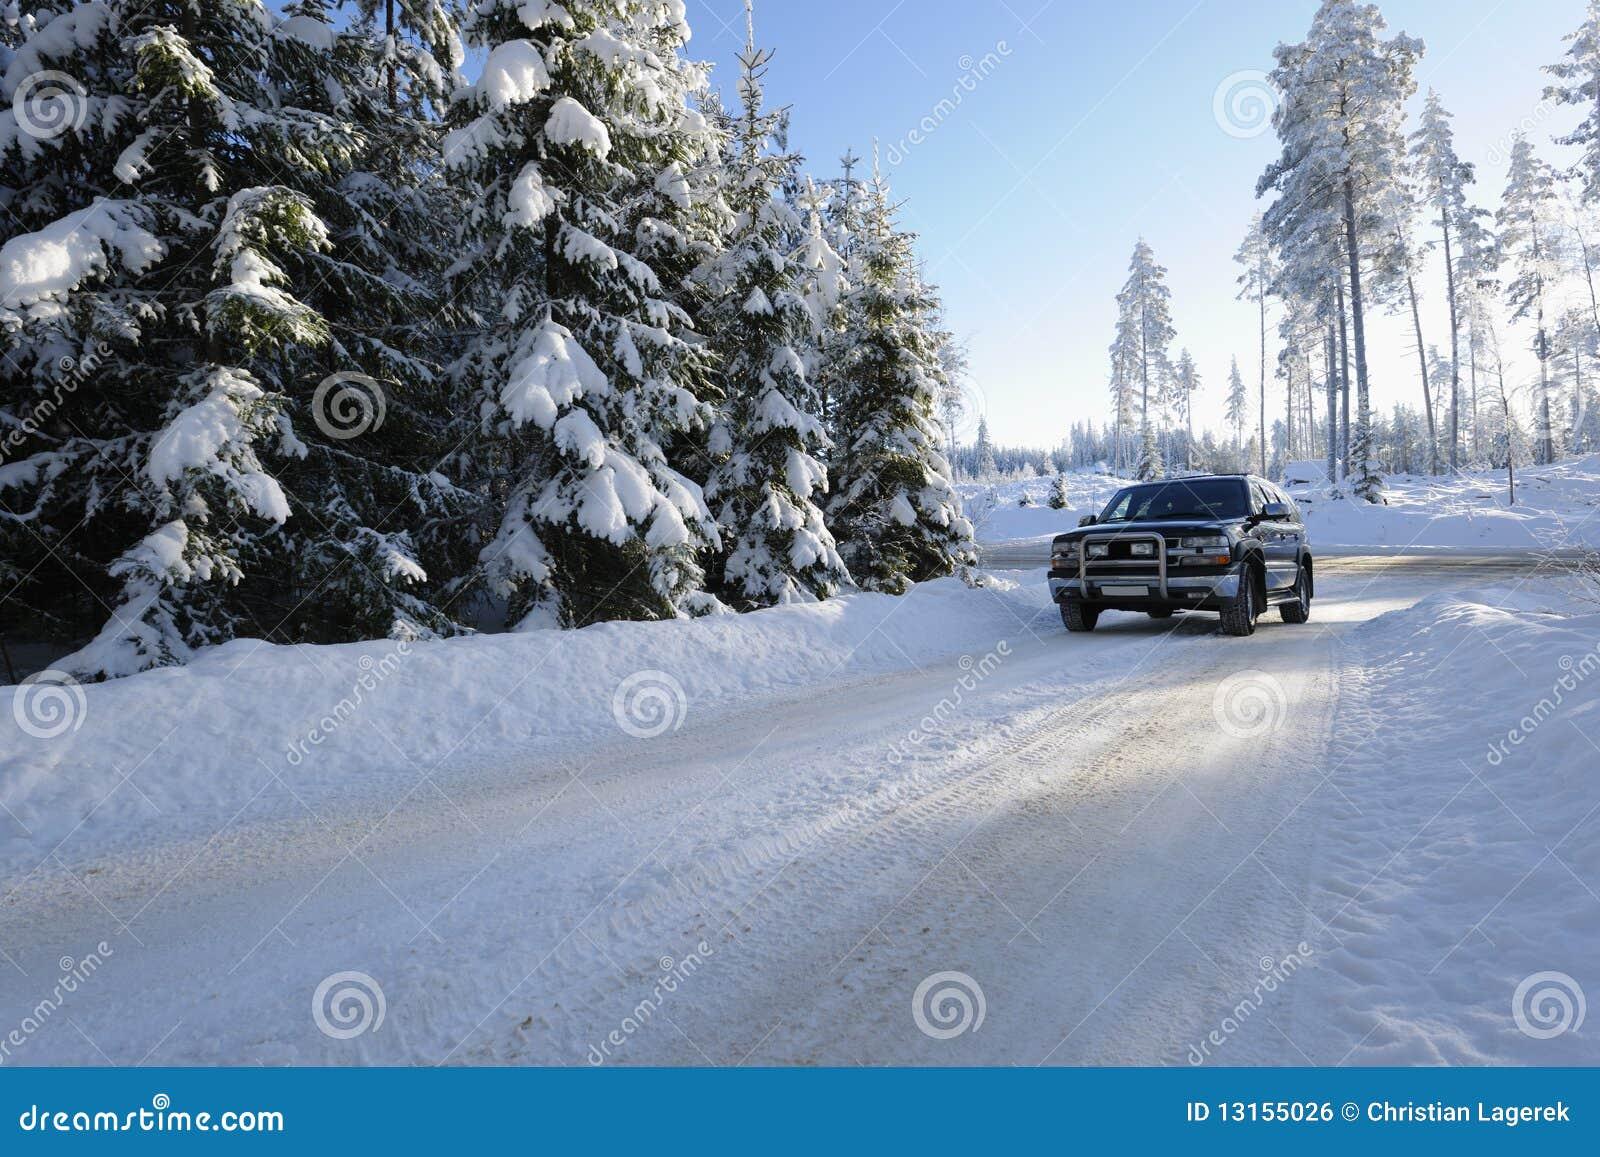 多雪驾车的路